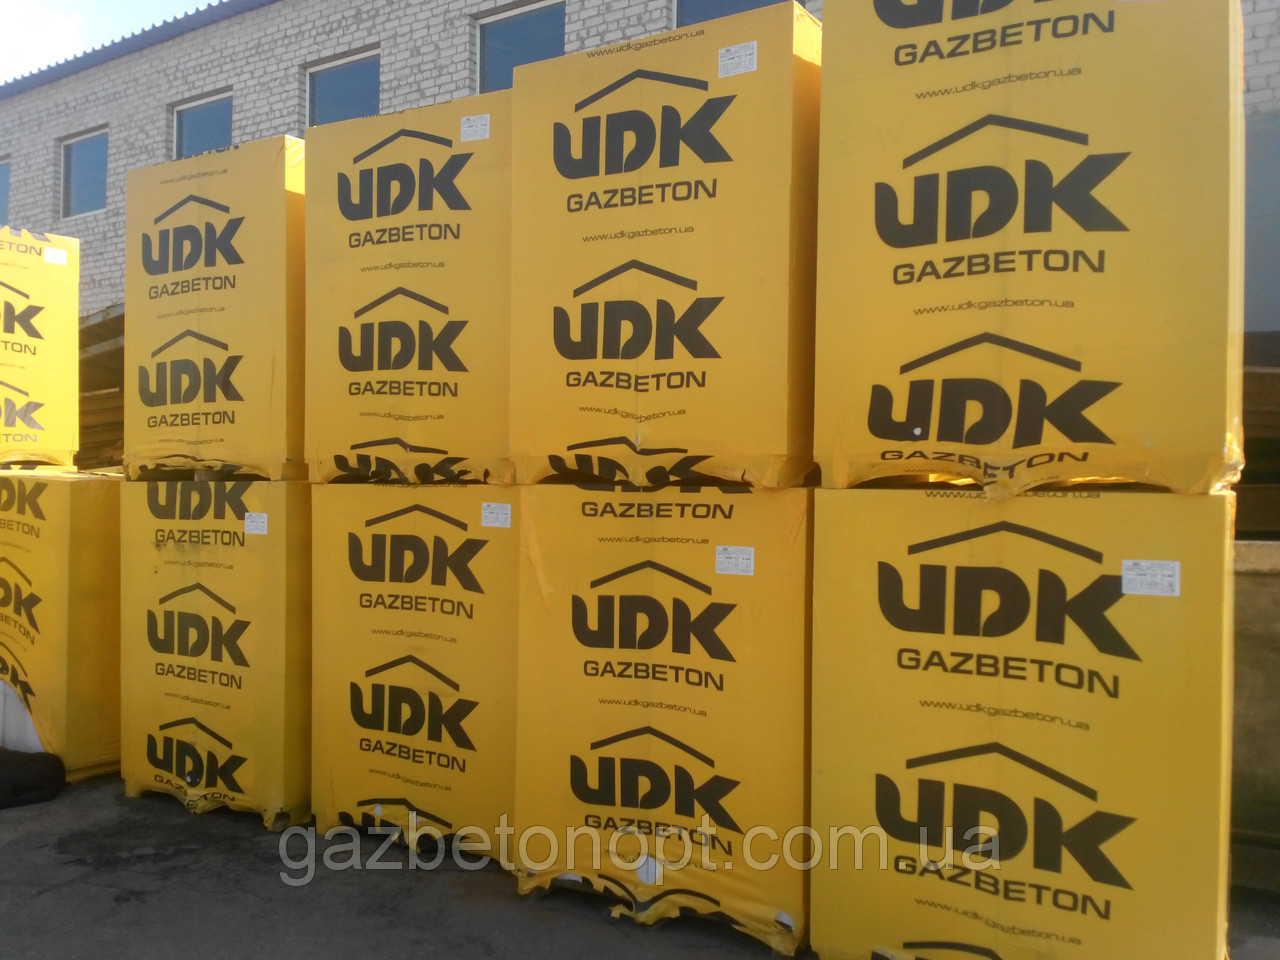 Газобетон, Газоблок, Газобетонные блоки ЮДК (UDK) 600*100*200 D400 - Материалы для строительства и отделки стен в Харькове